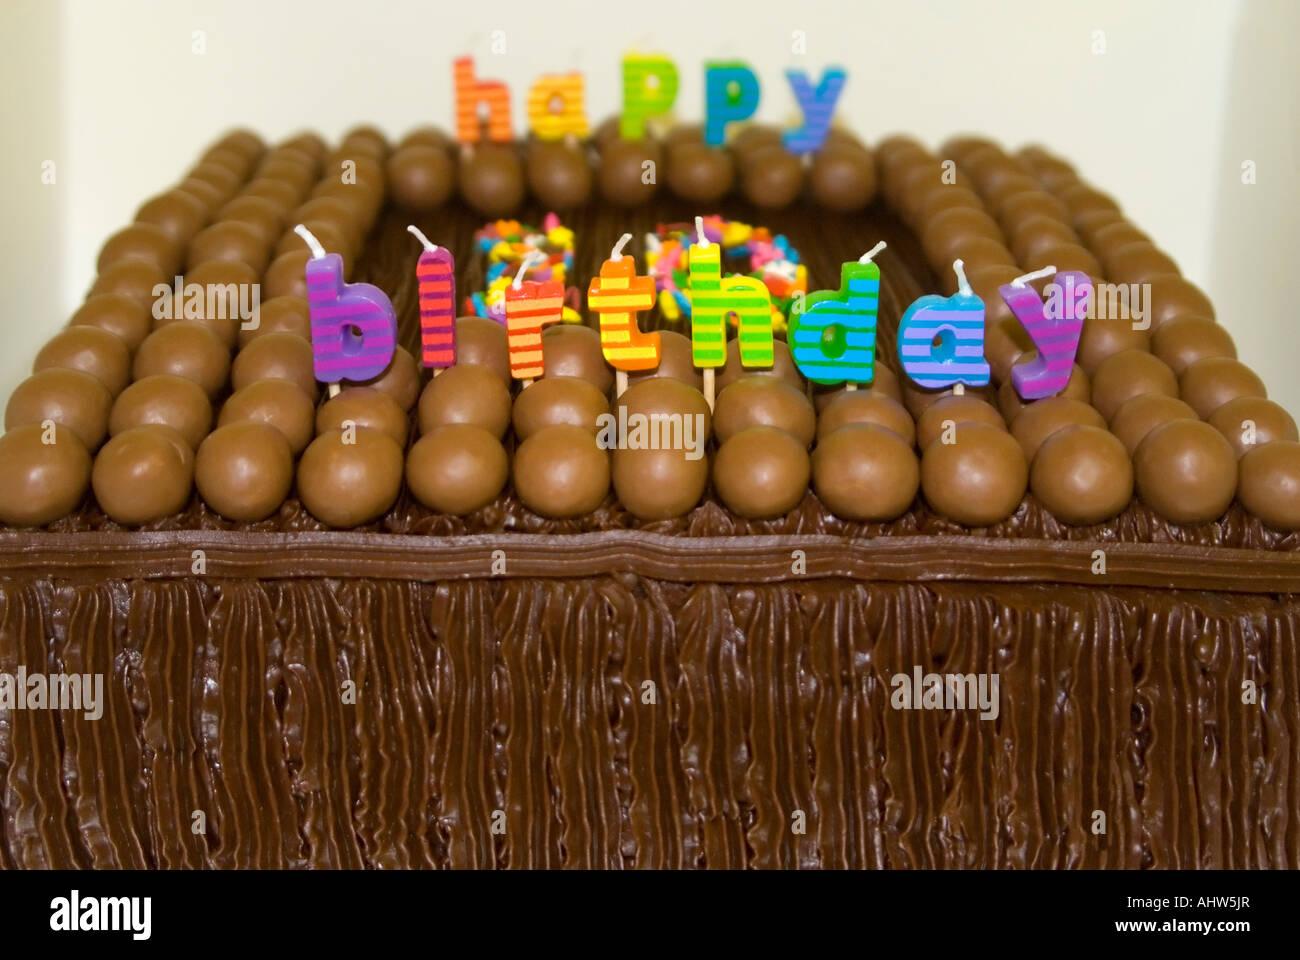 Horizontale Nahaufnahme Eines Kindes 10 Geburtstag Kuchen Mit Pralinen Vereisung Und Kerzen Dekoriert